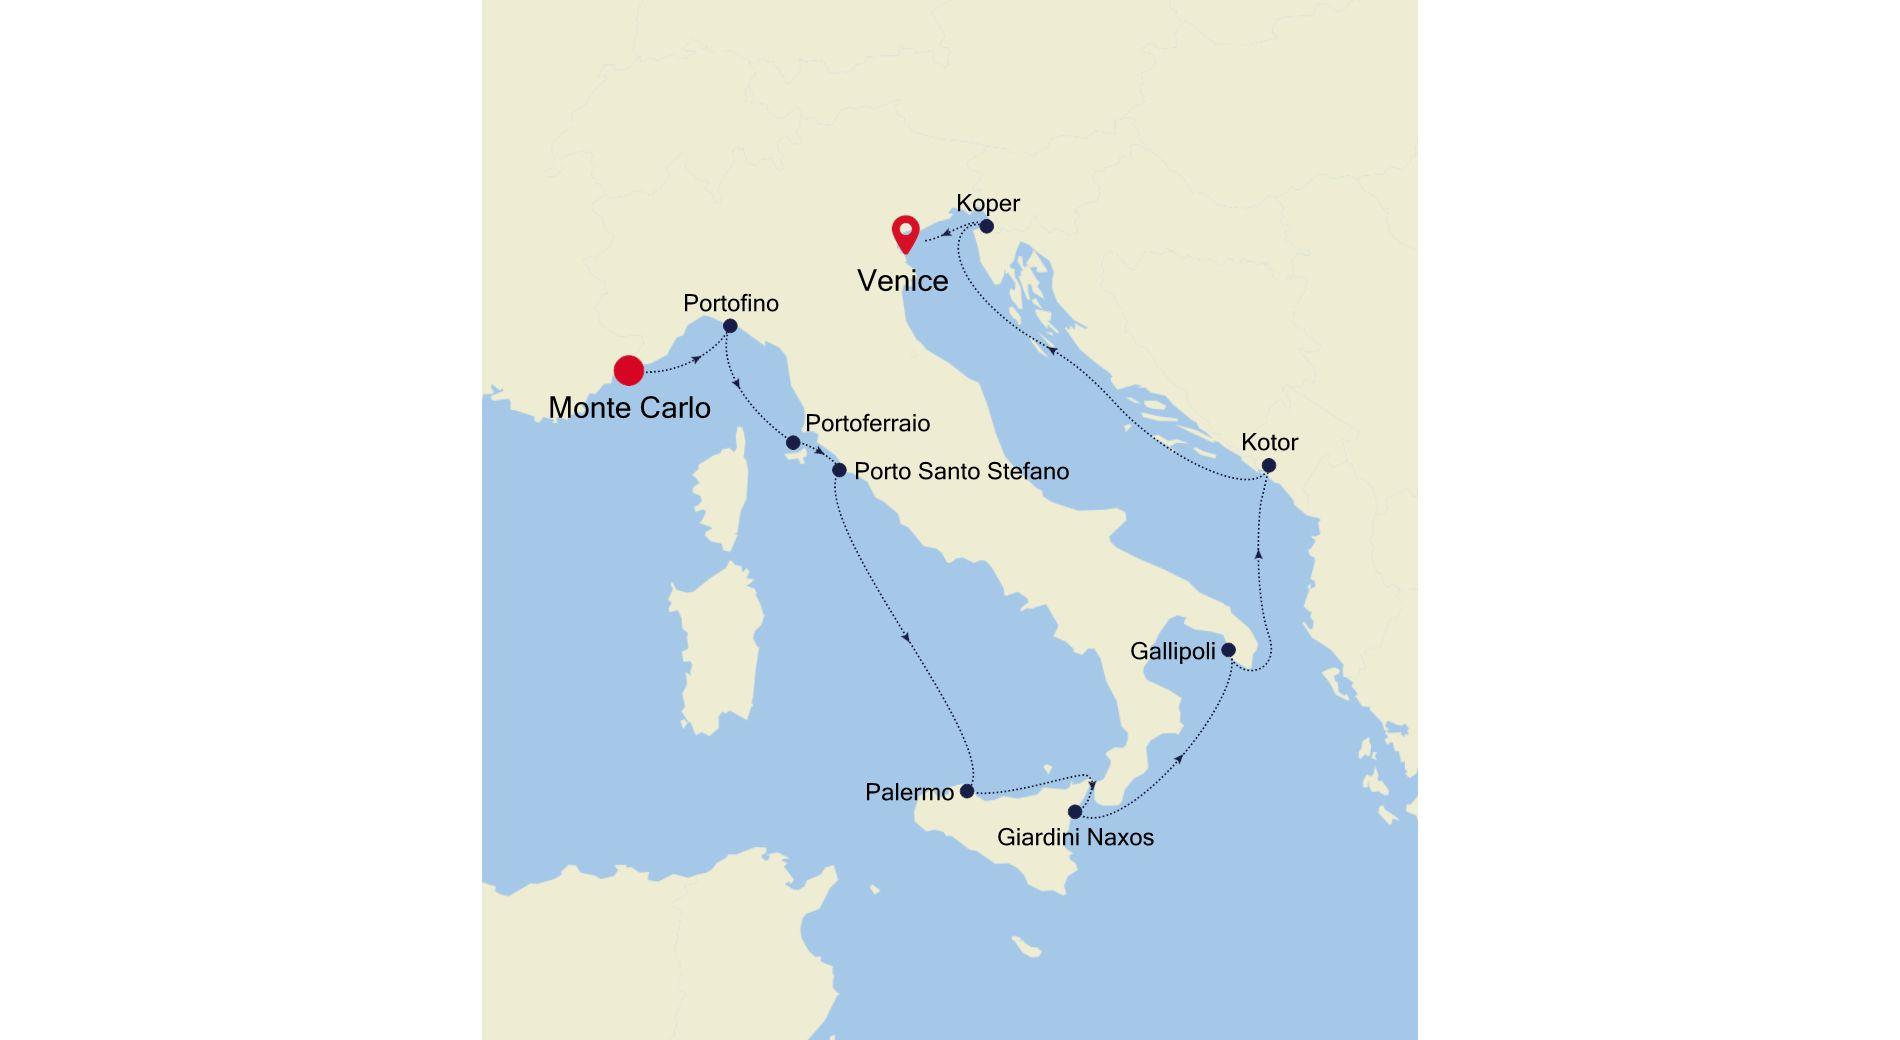 3916 - Monte Carlo to Venice